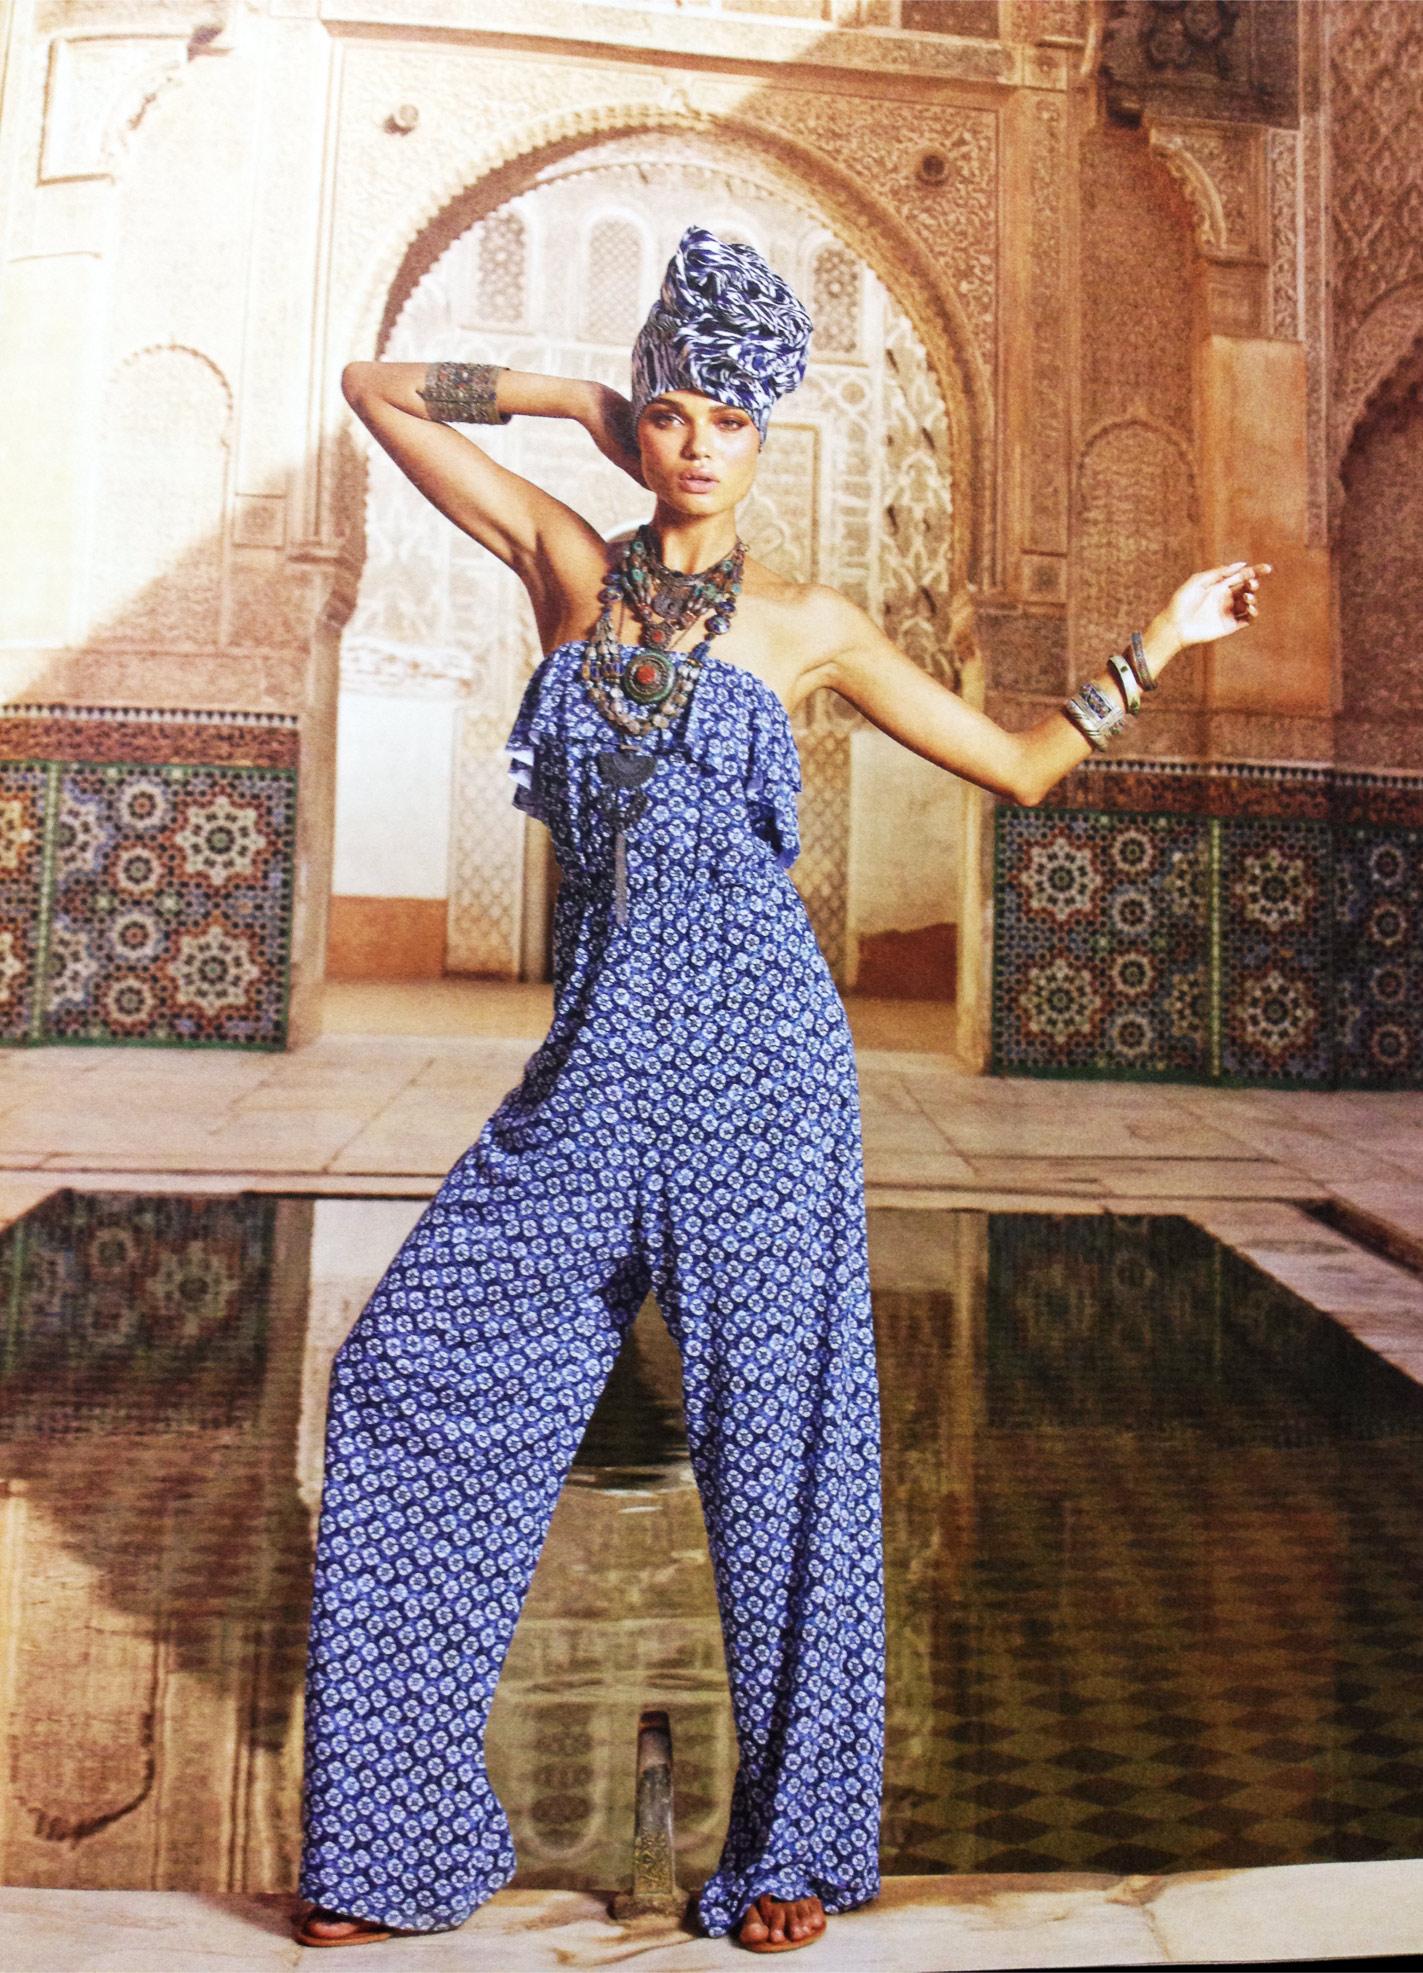 Riachuelo Marrocos